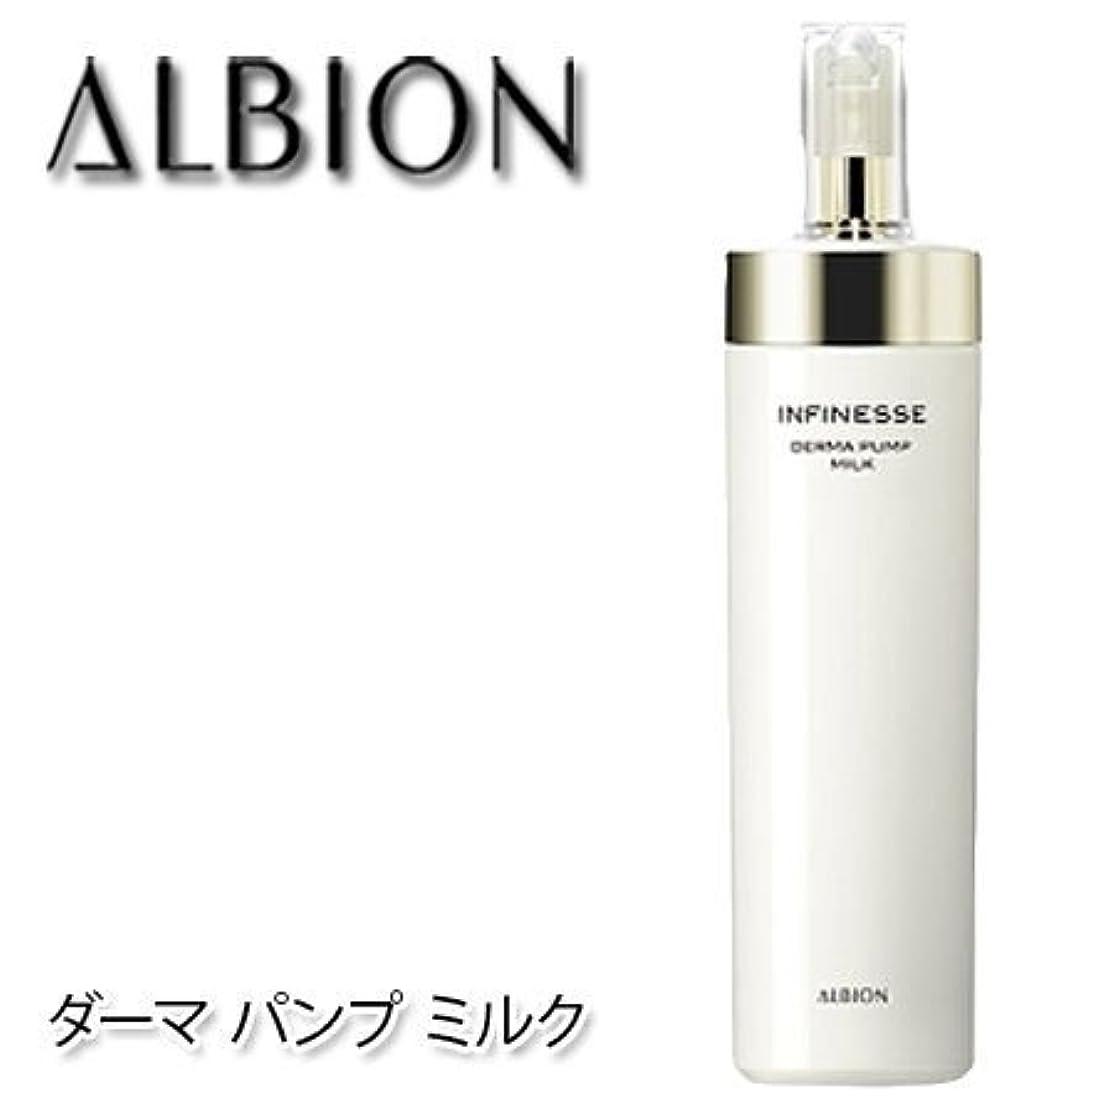 永遠の無知意図アルビオン アンフィネス ダーマ パンプ ミルク 200g-ALBION-